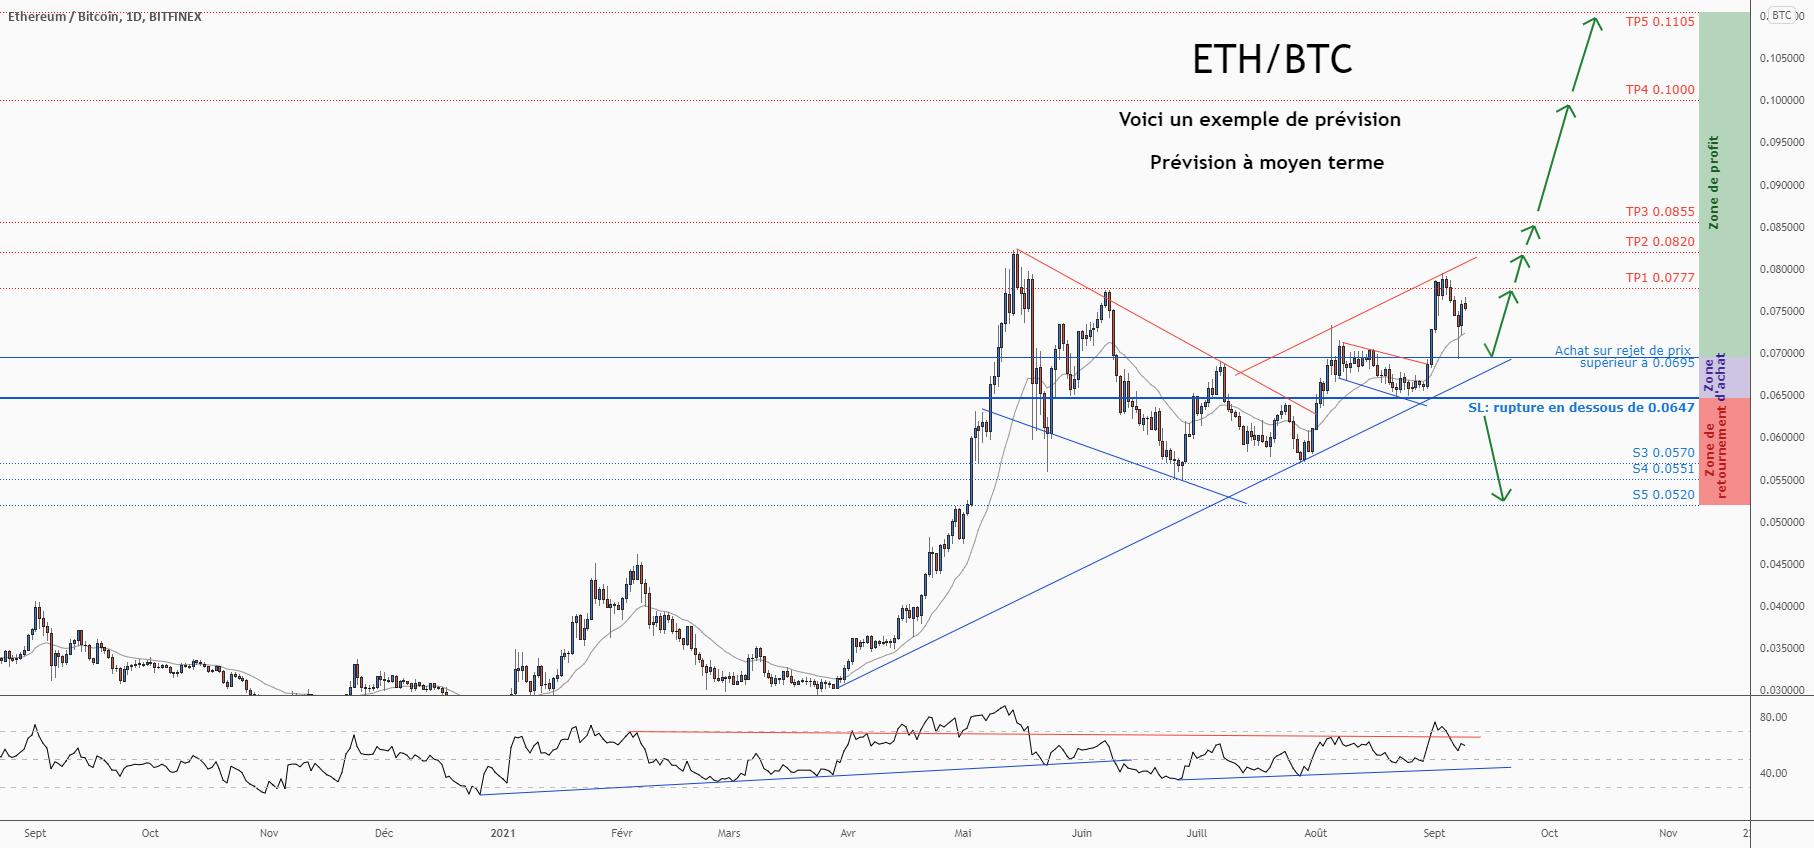 💡Ne manquez pas cette grande opportunité d'achat de ETHBTC pour BITFINEX:ETHBTC par ForecastCity_Francais